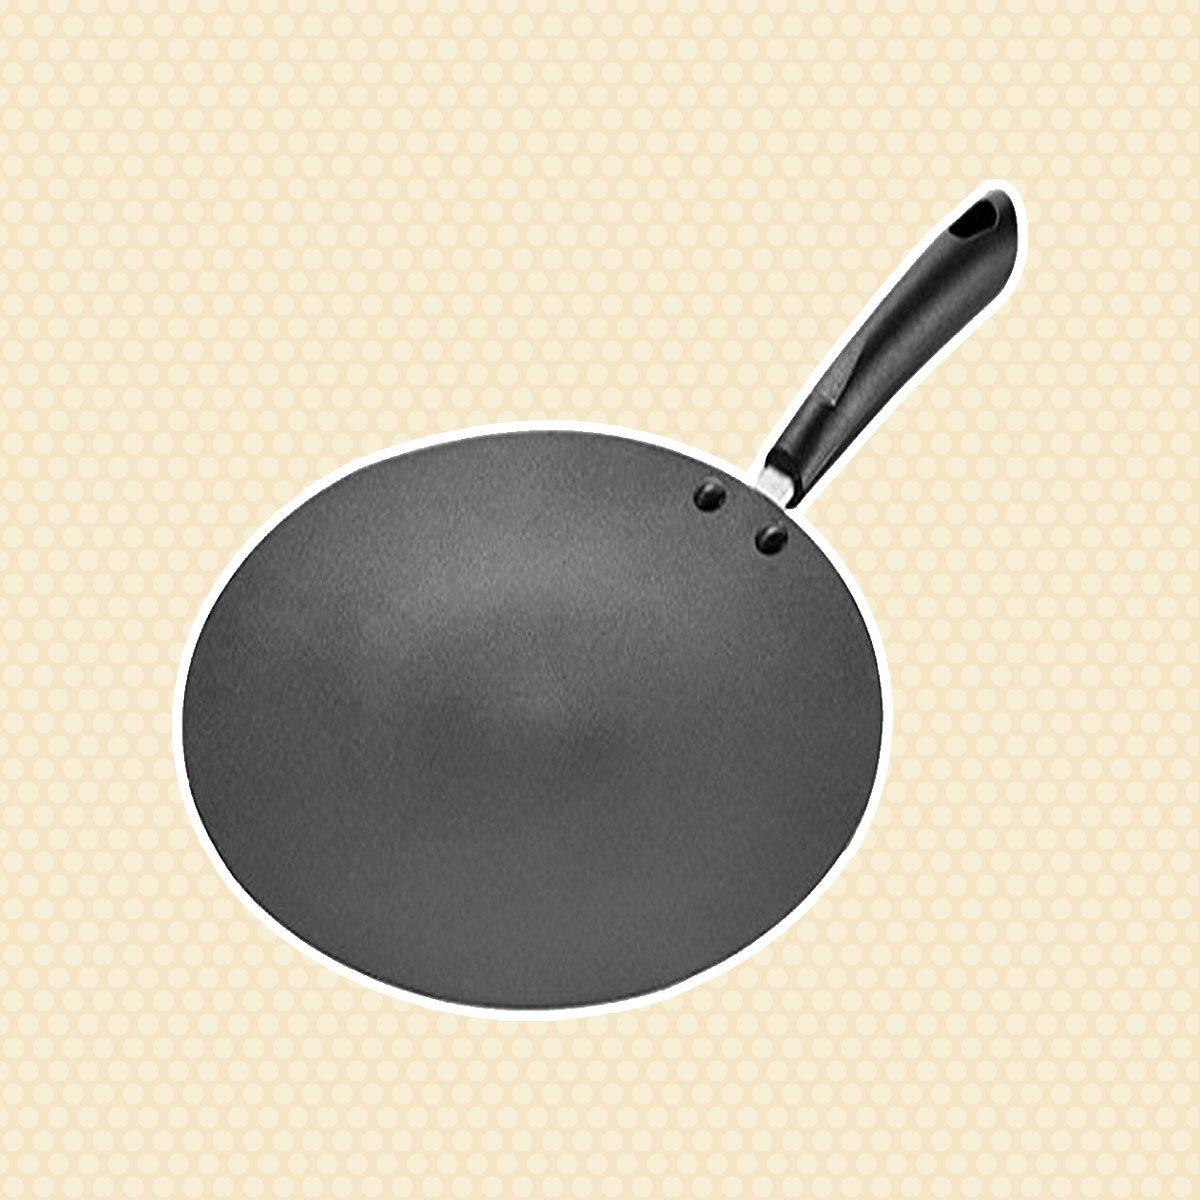 Eris Concave Griddle Tava, 10.25-Inch, Black